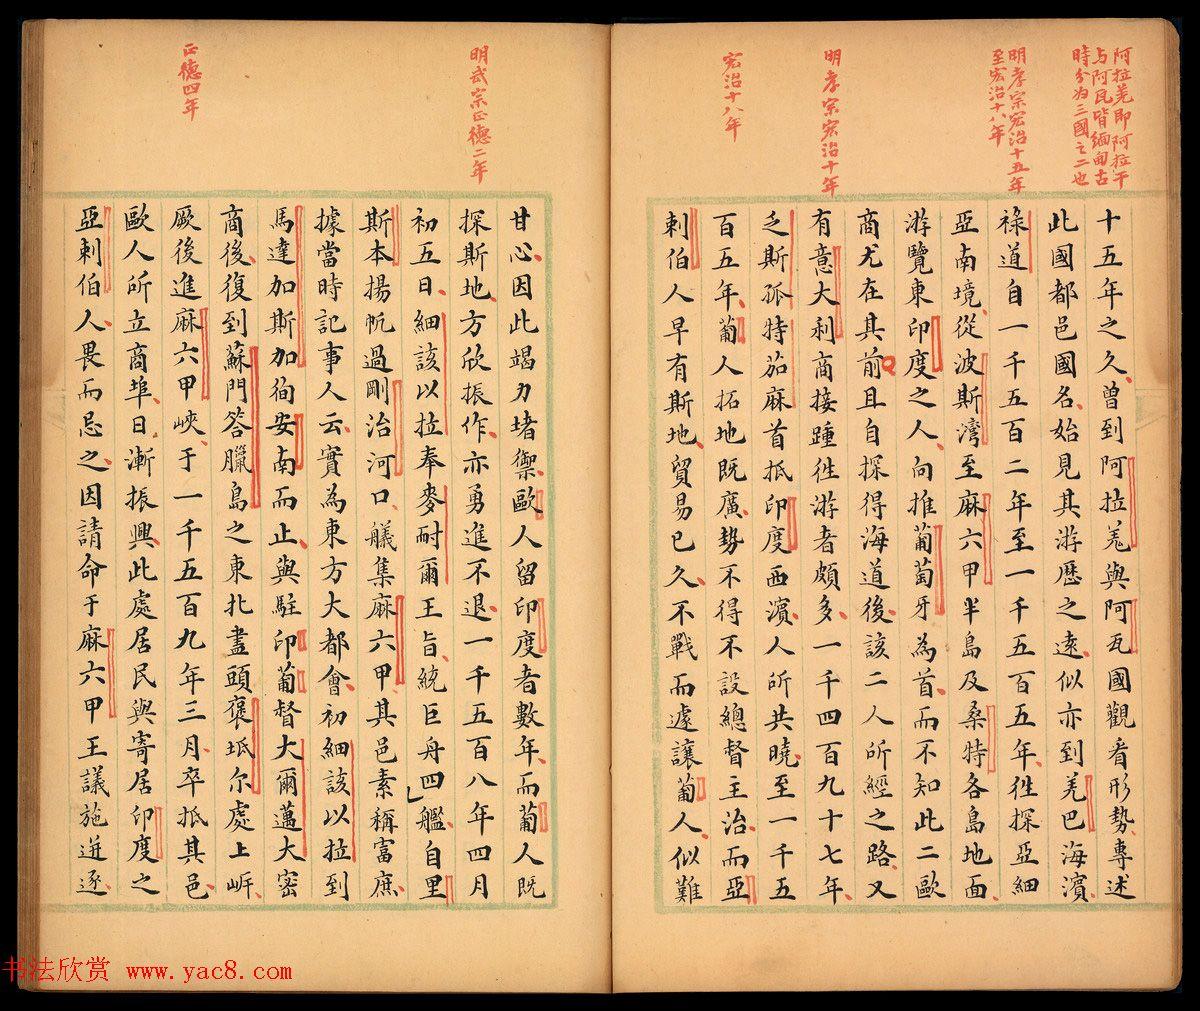 清代书法家李文田手批《柬埔寨以北探路记》并书序文